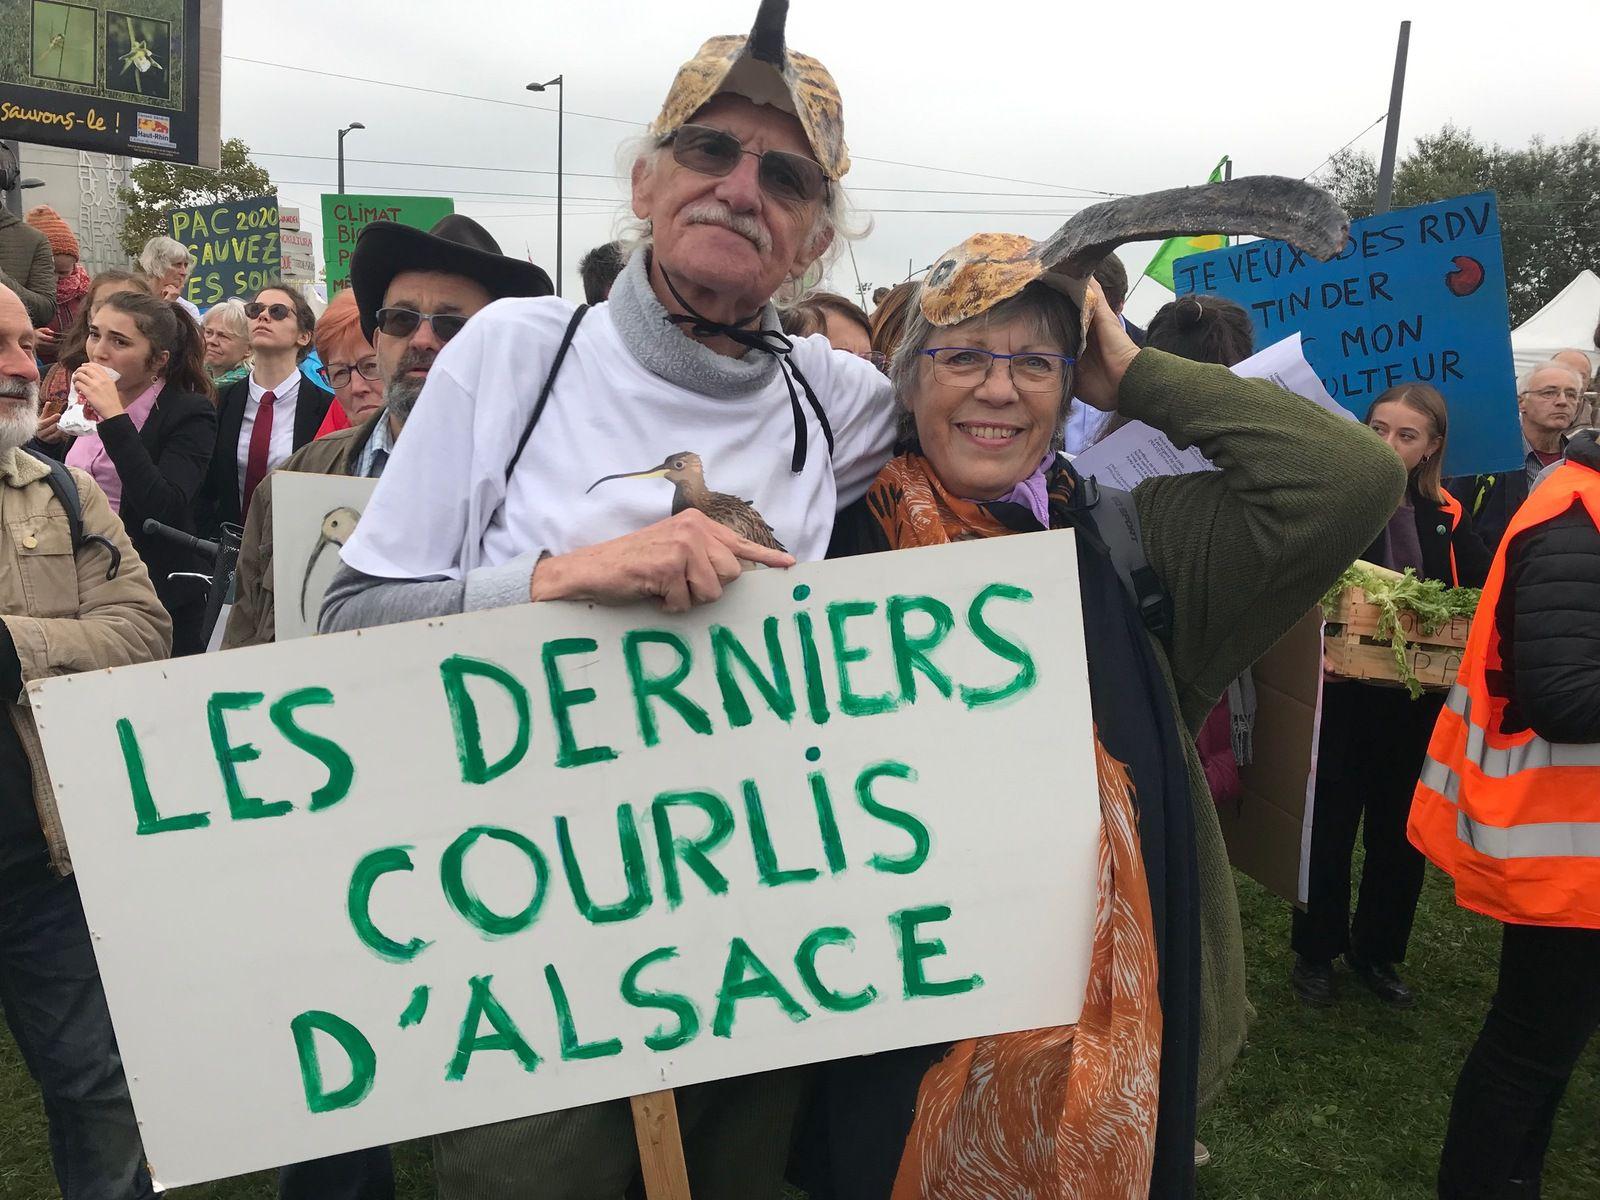 François et Gill Steimer lors d'une manifestation devant le Parlement Européen de Strasbourg pour une PAC plus respectueuse de la Nature. (DR) Cliquez pour agrandir)